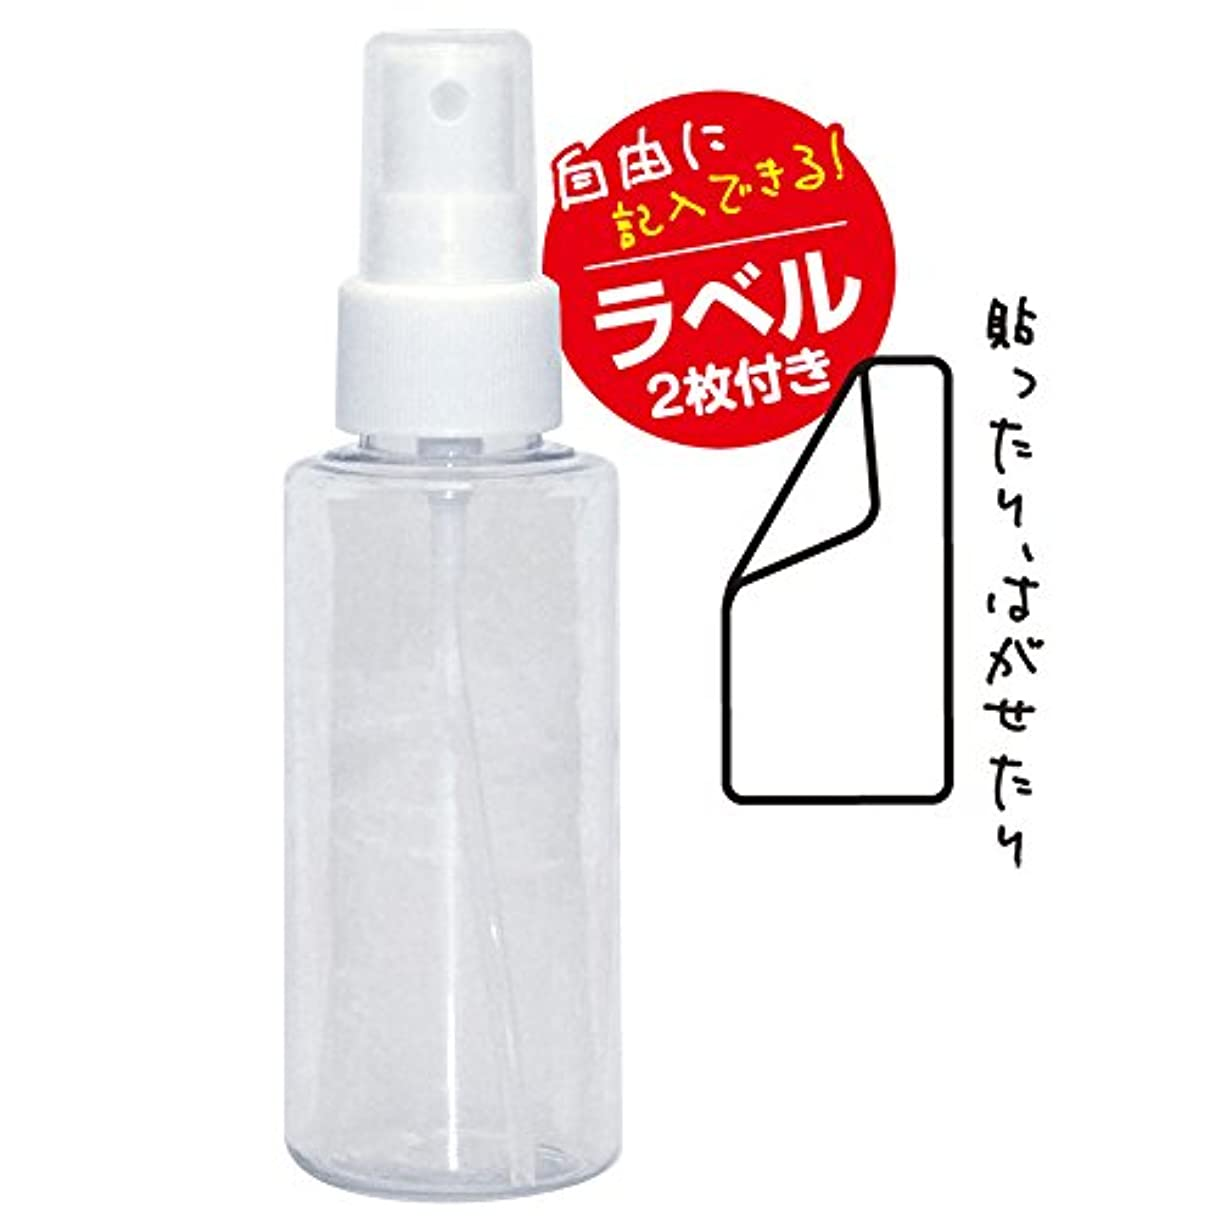 適合する小川リングガレージ?ゼロ PET スプレーボトル 100ml/GZSQ01